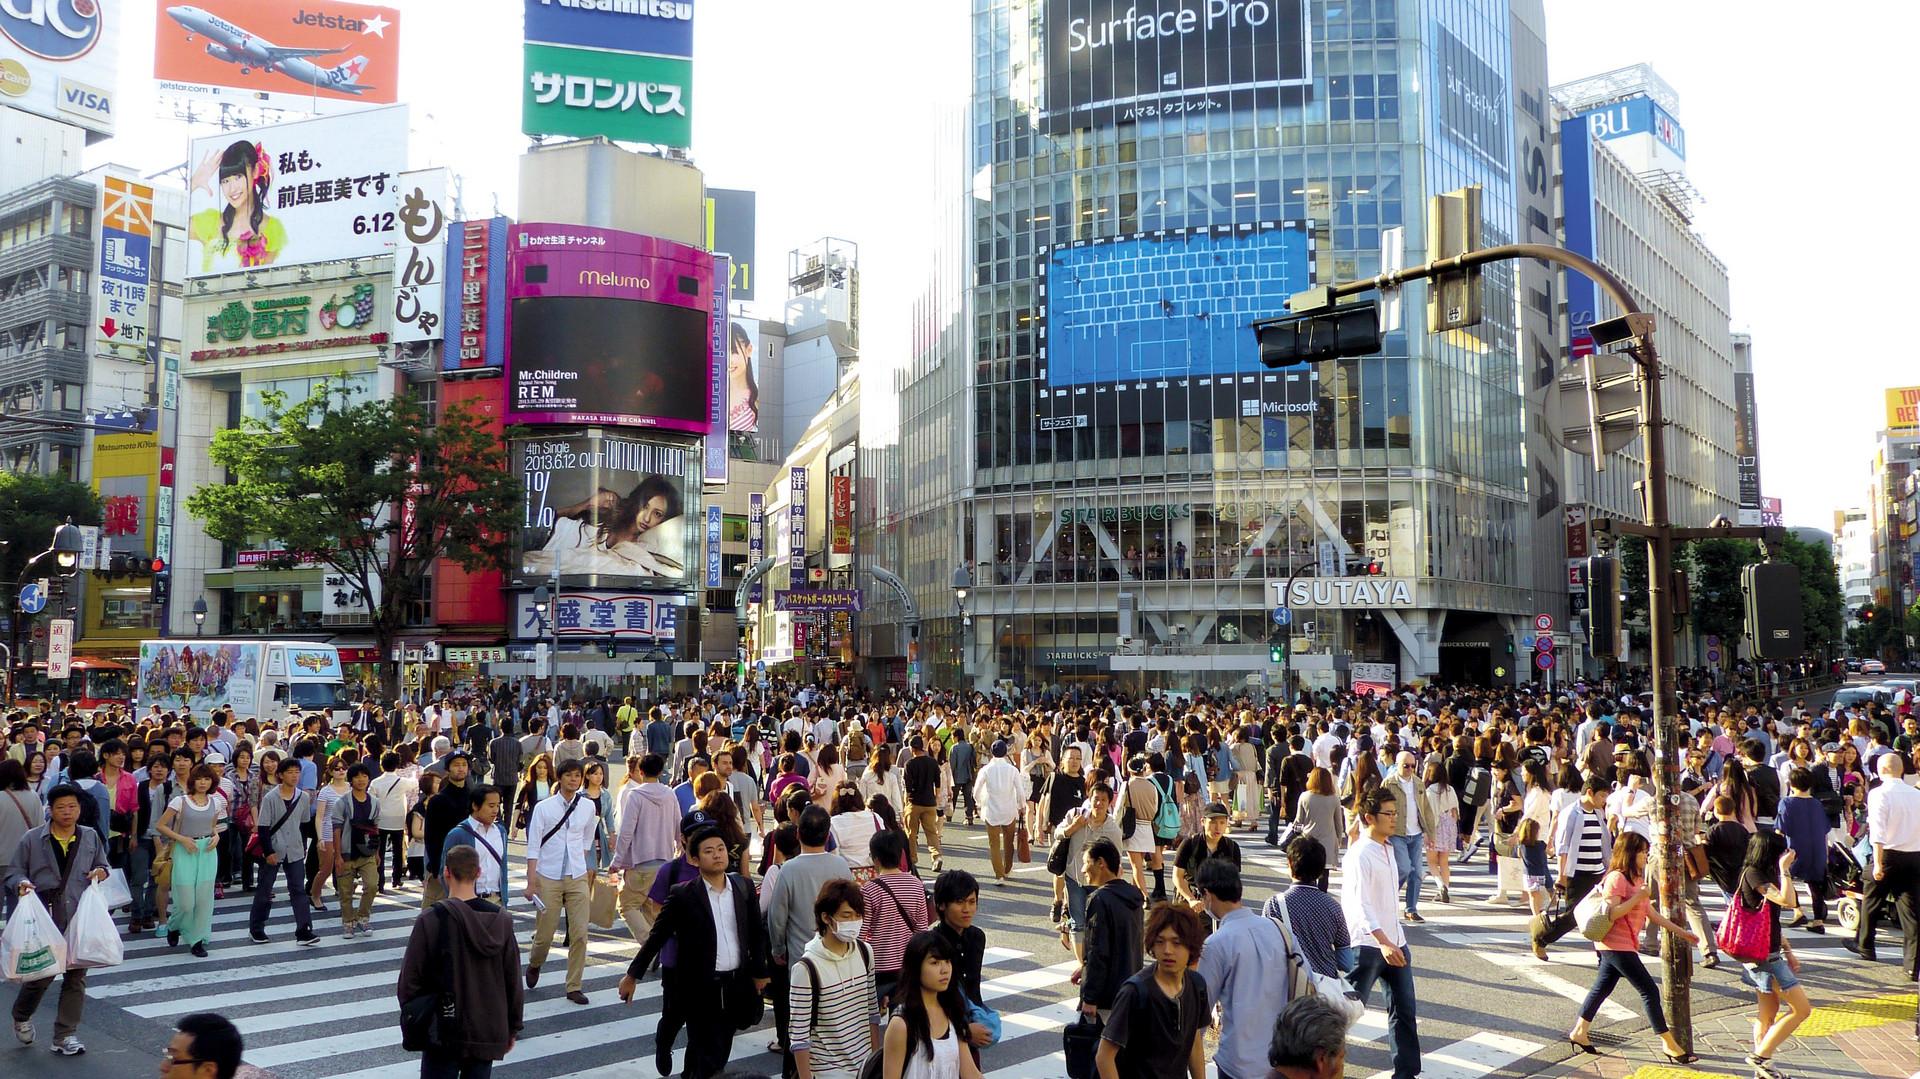 日本东京冬季旅游攻略 冬季去日本东京旅游必去景点推荐_旅游资讯频道推荐